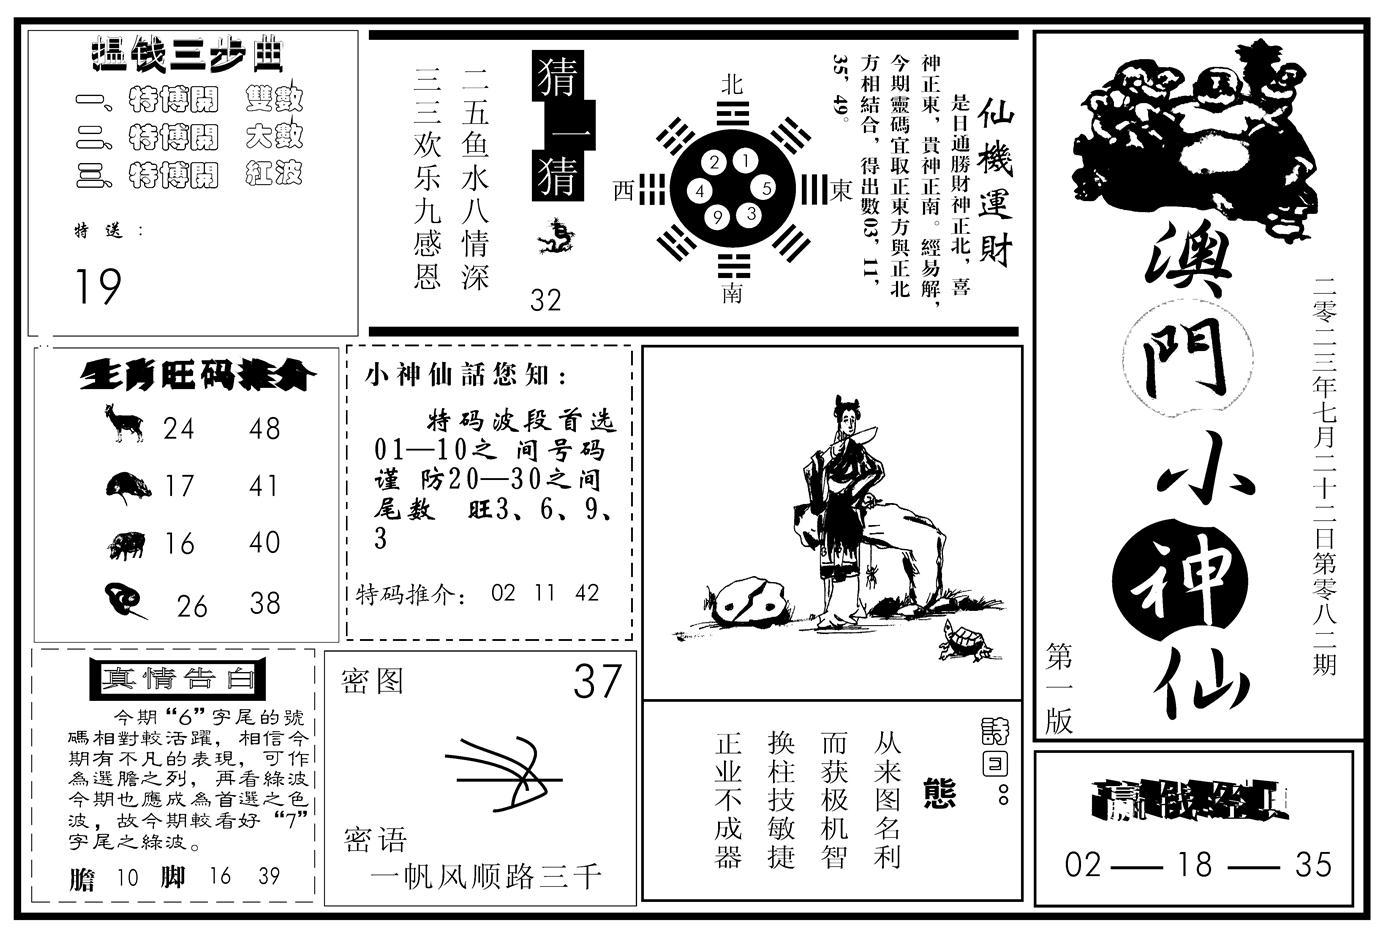 082期澳门小神仙A(黑白)